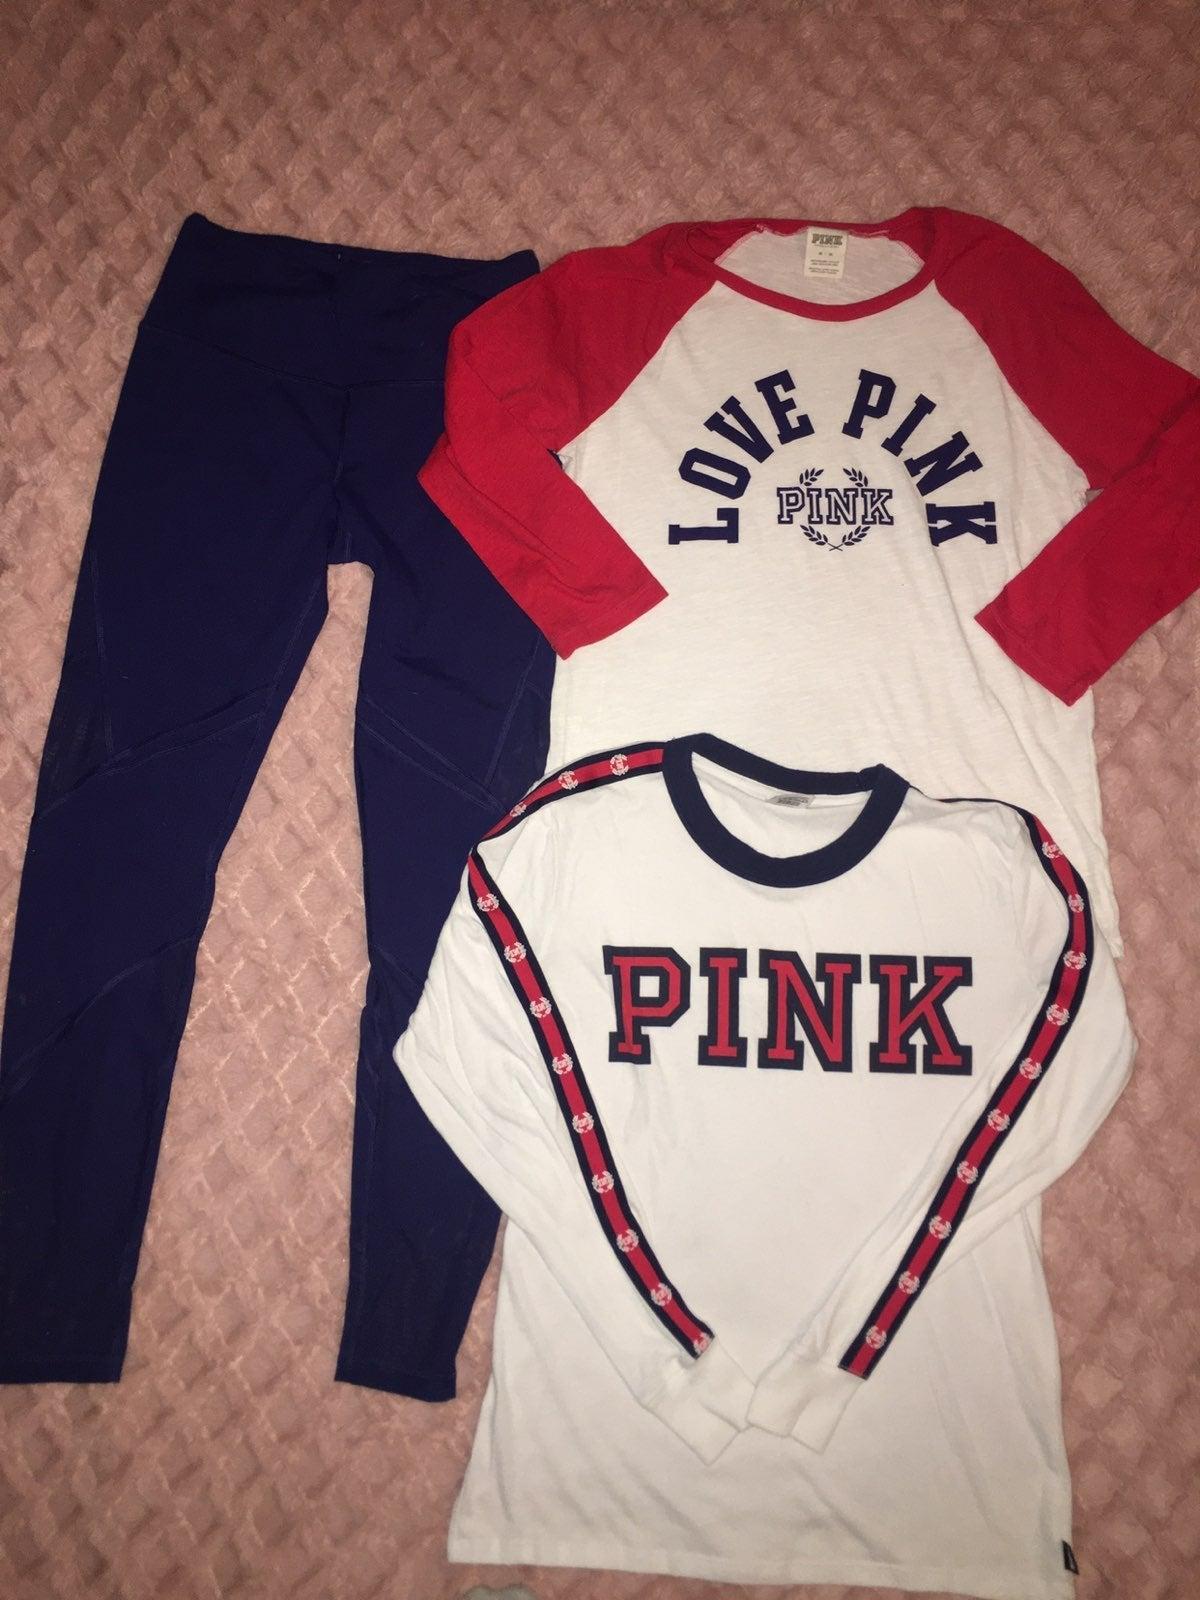 Vs pink tees tops mesh leggings set xs